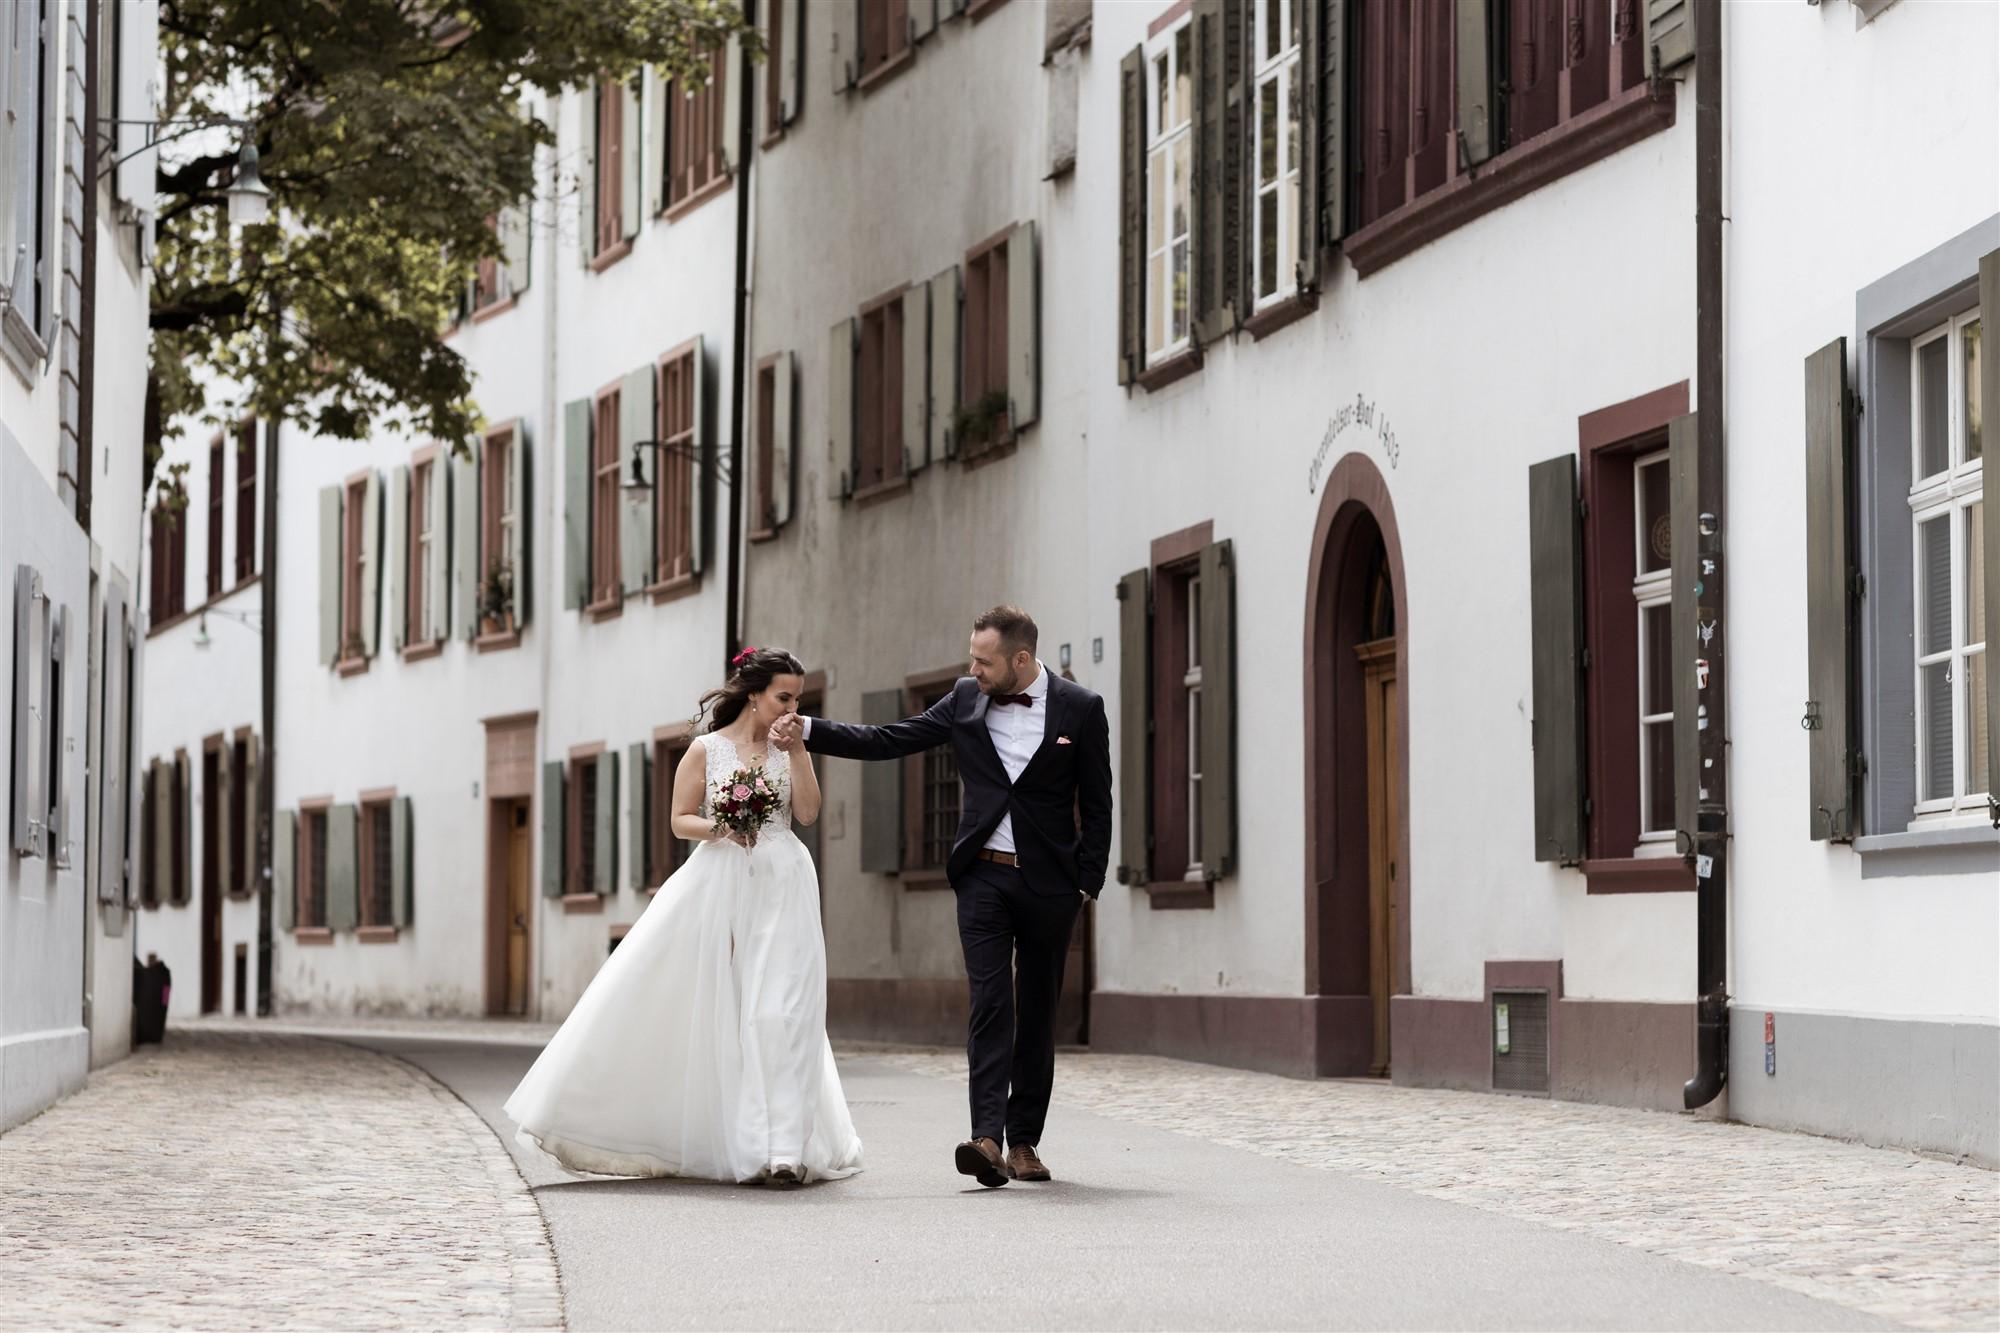 Zivile Trauung in Basel - Das Brautpaarfotoshooting in den schönen Gassen von Basel